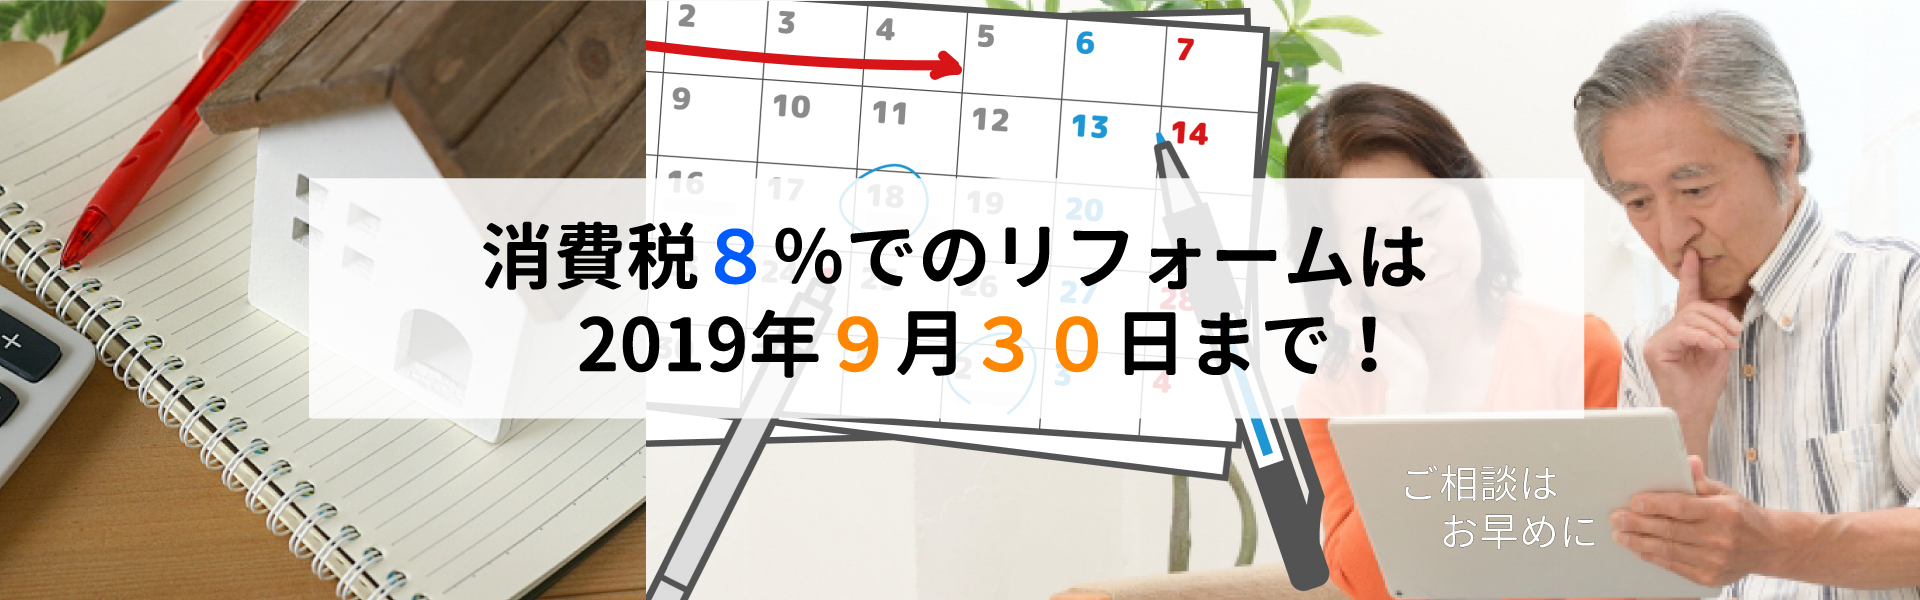 消費税8%でのリフォームは9月30日まで!